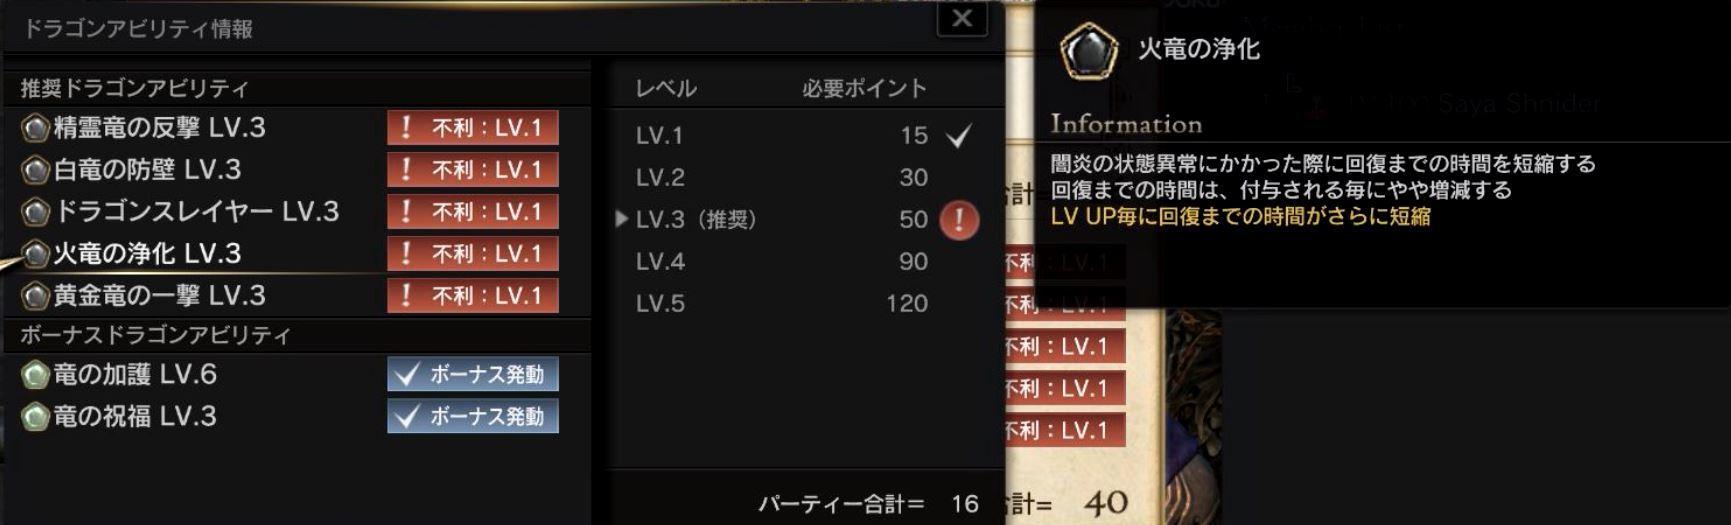 DA_4.jpg